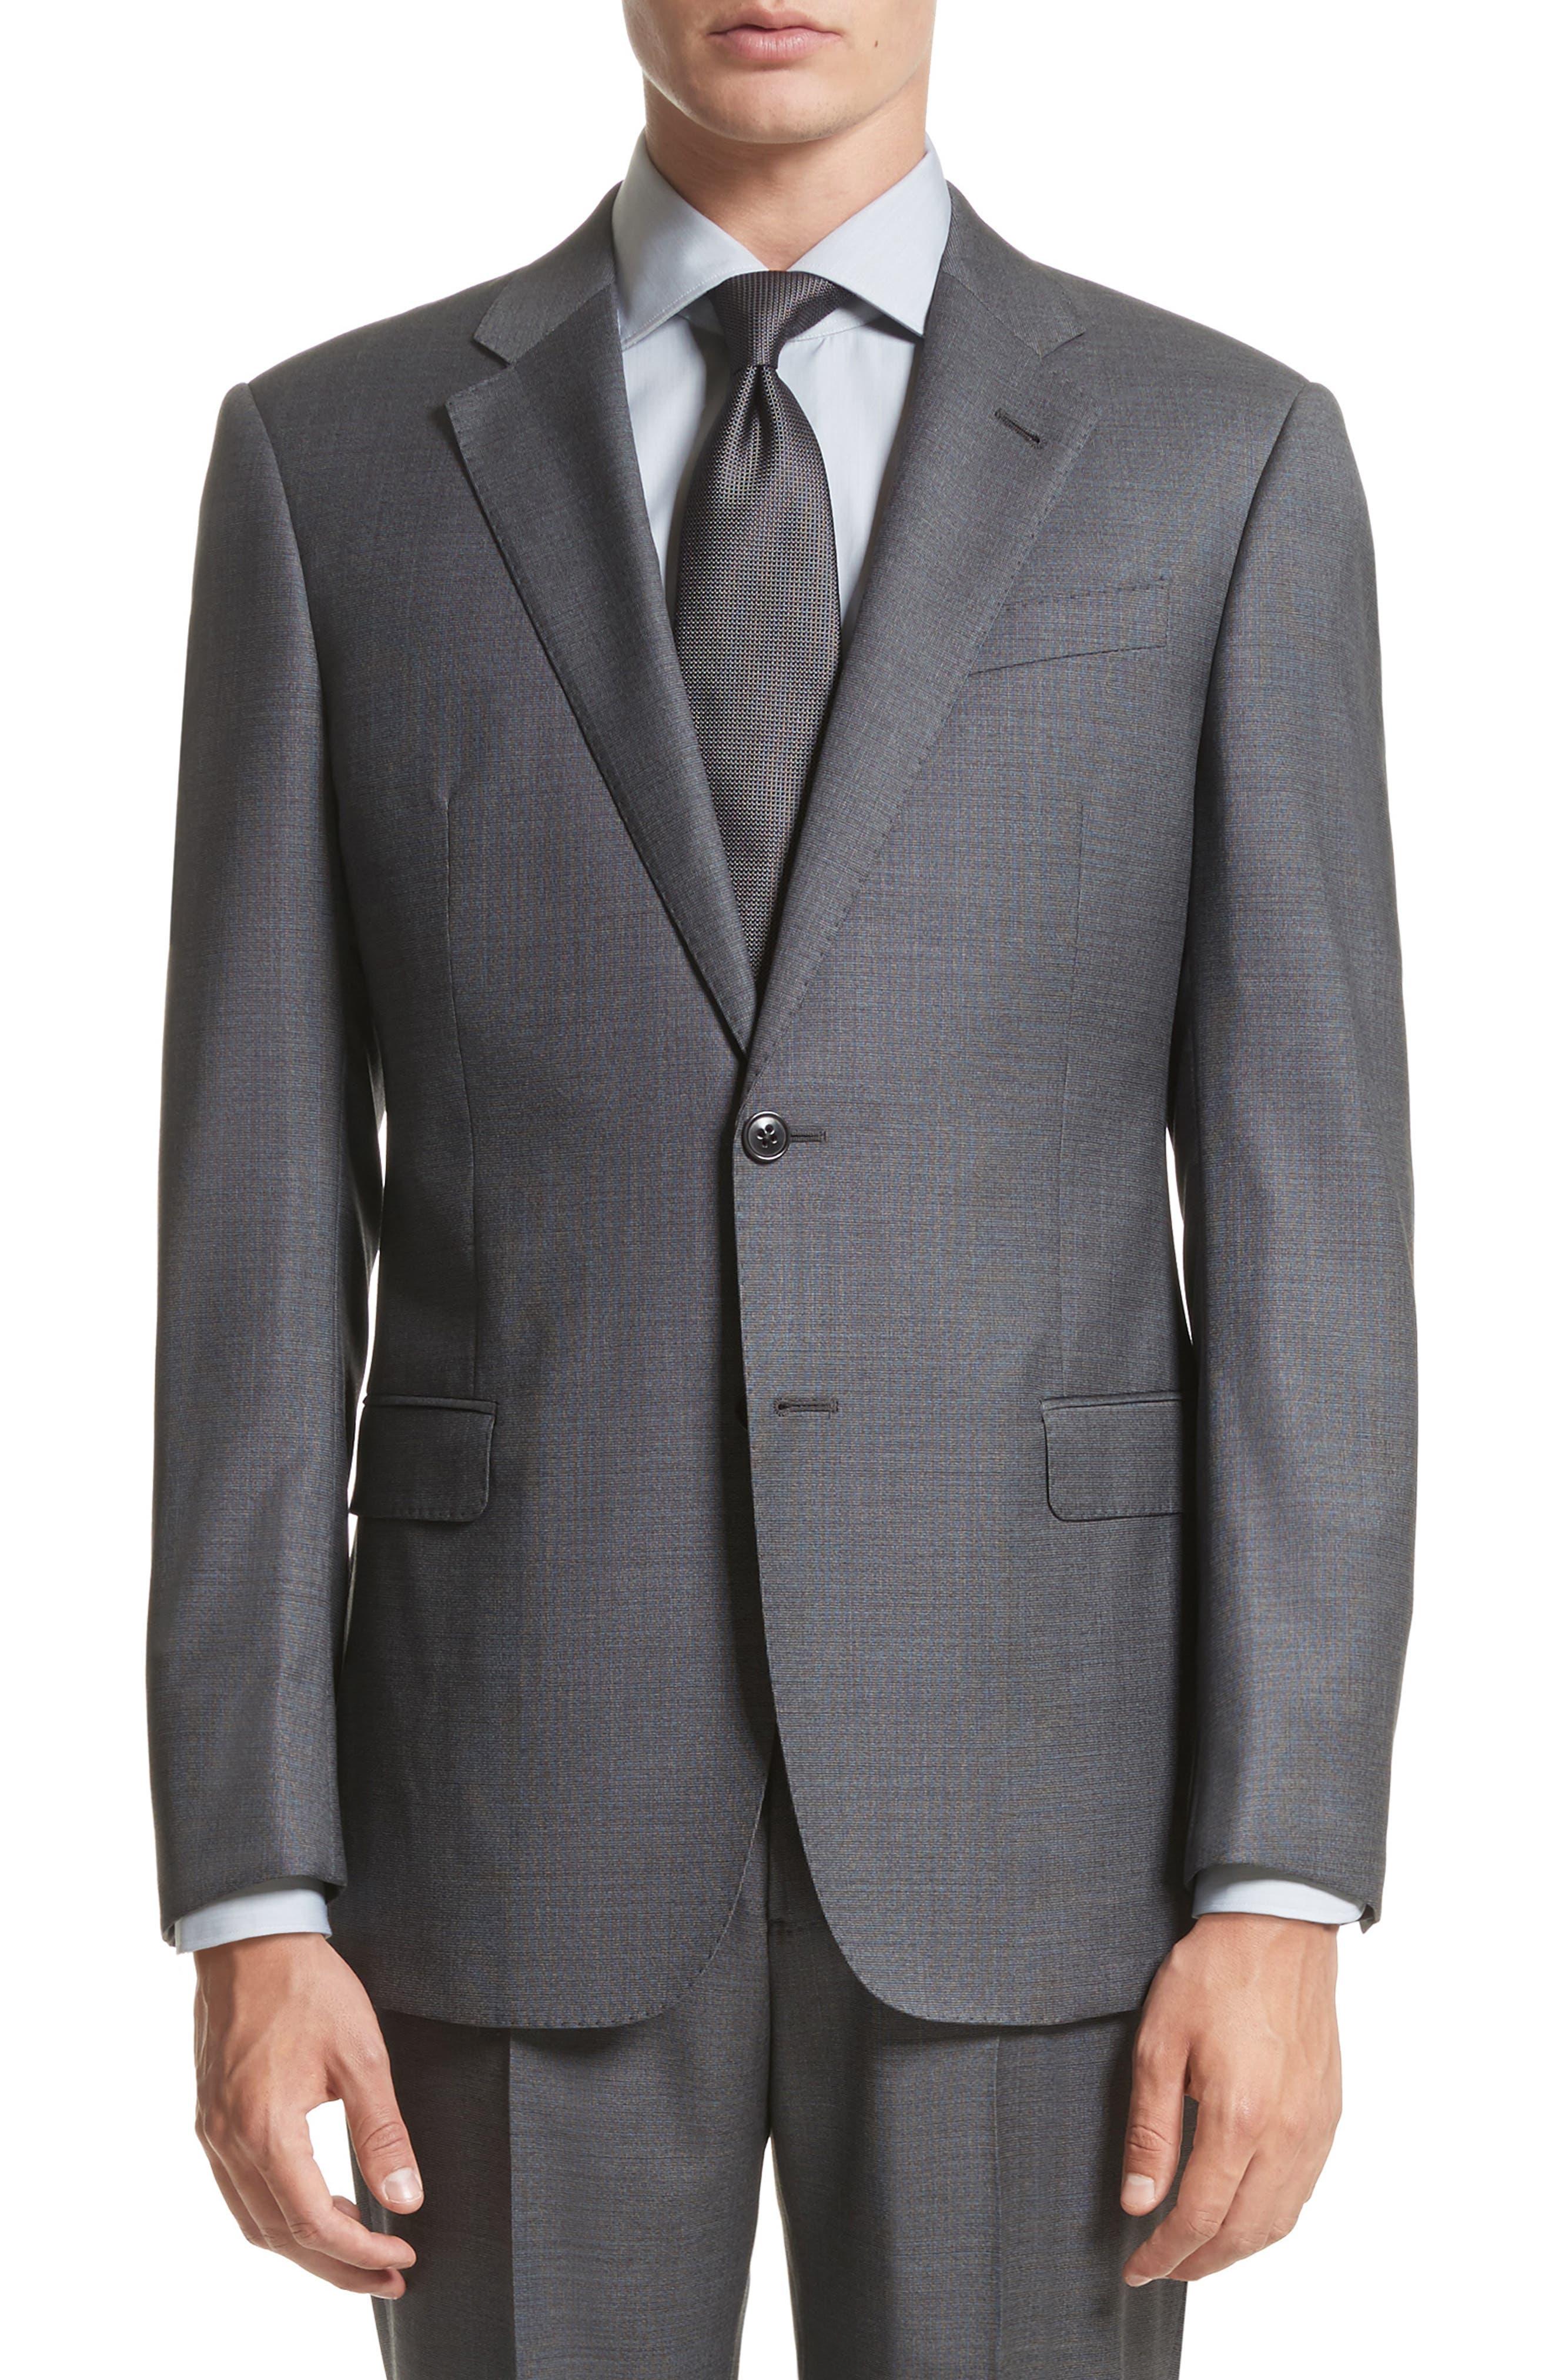 G-Line Trim Fit Solid Wool Suit,                             Alternate thumbnail 5, color,                             032